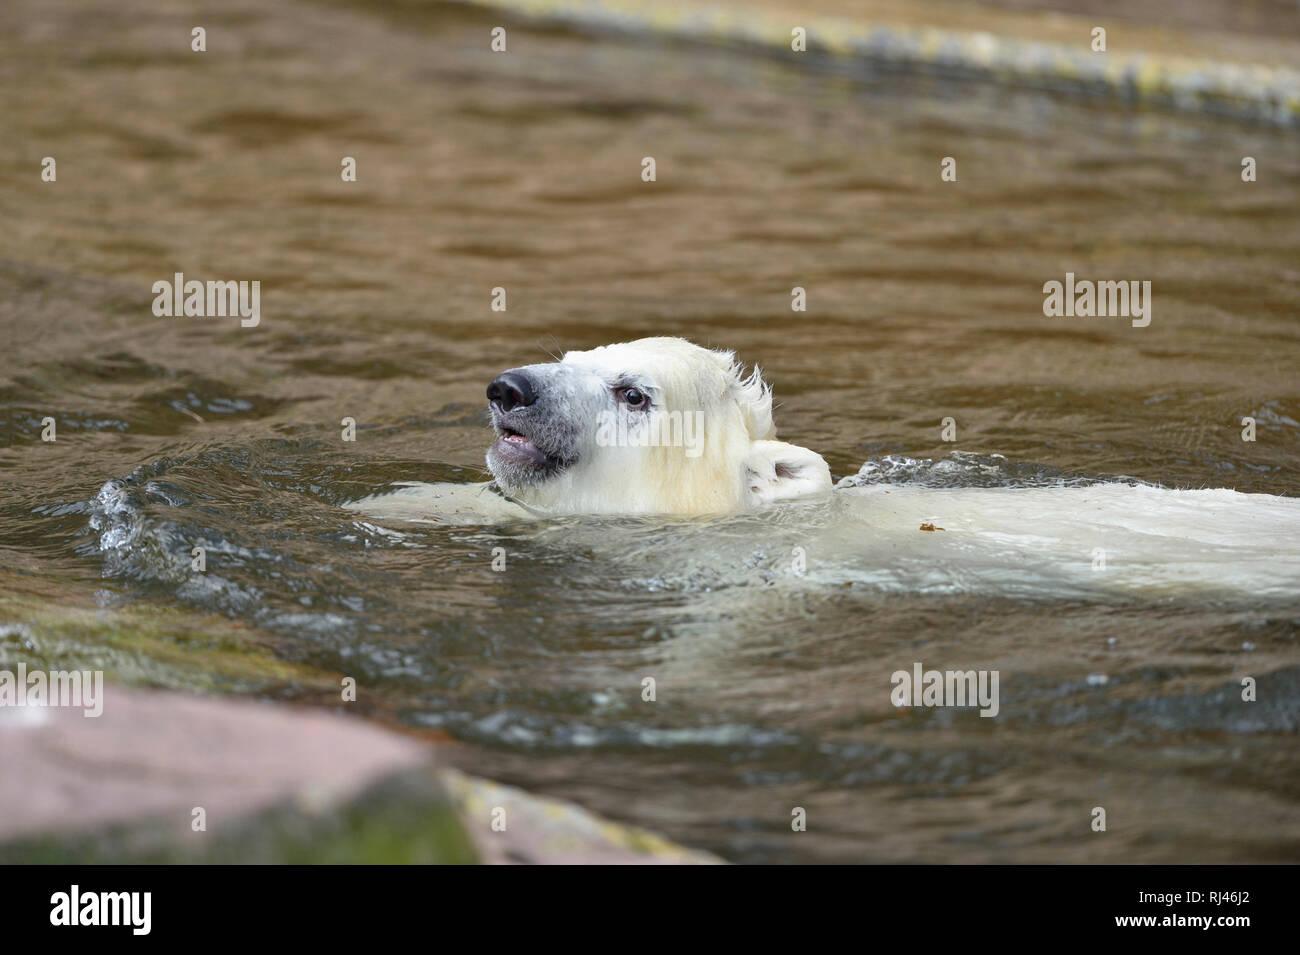 Eisb?r, Ursus maritimus, Jungtier, Wasser, seitlich, schwimmen - Stock Image